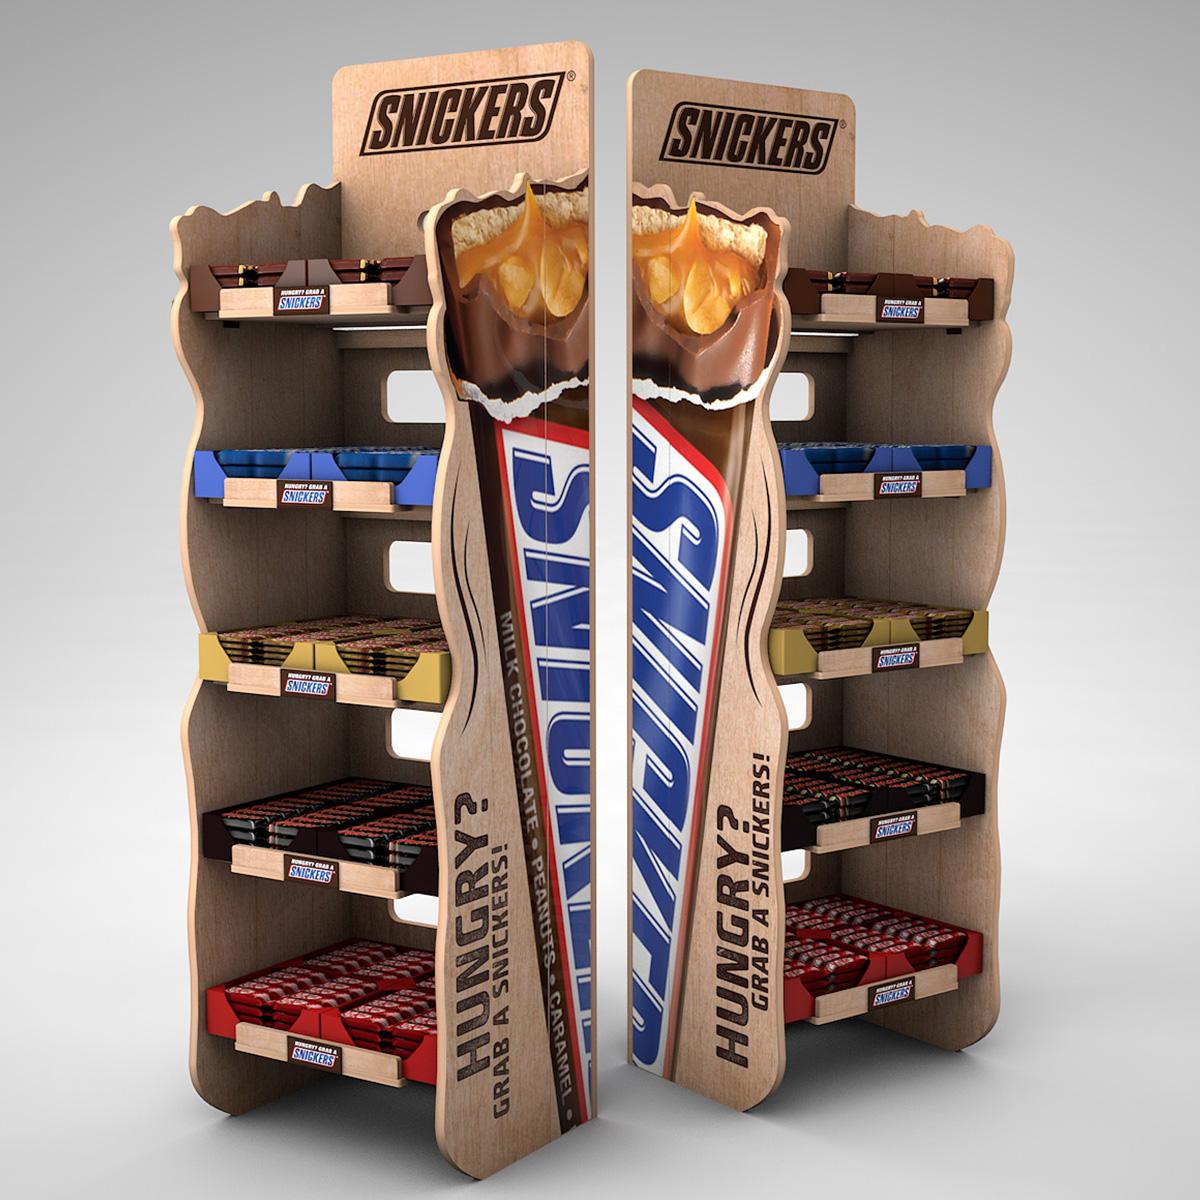 Skladateľný regál pre Snickers